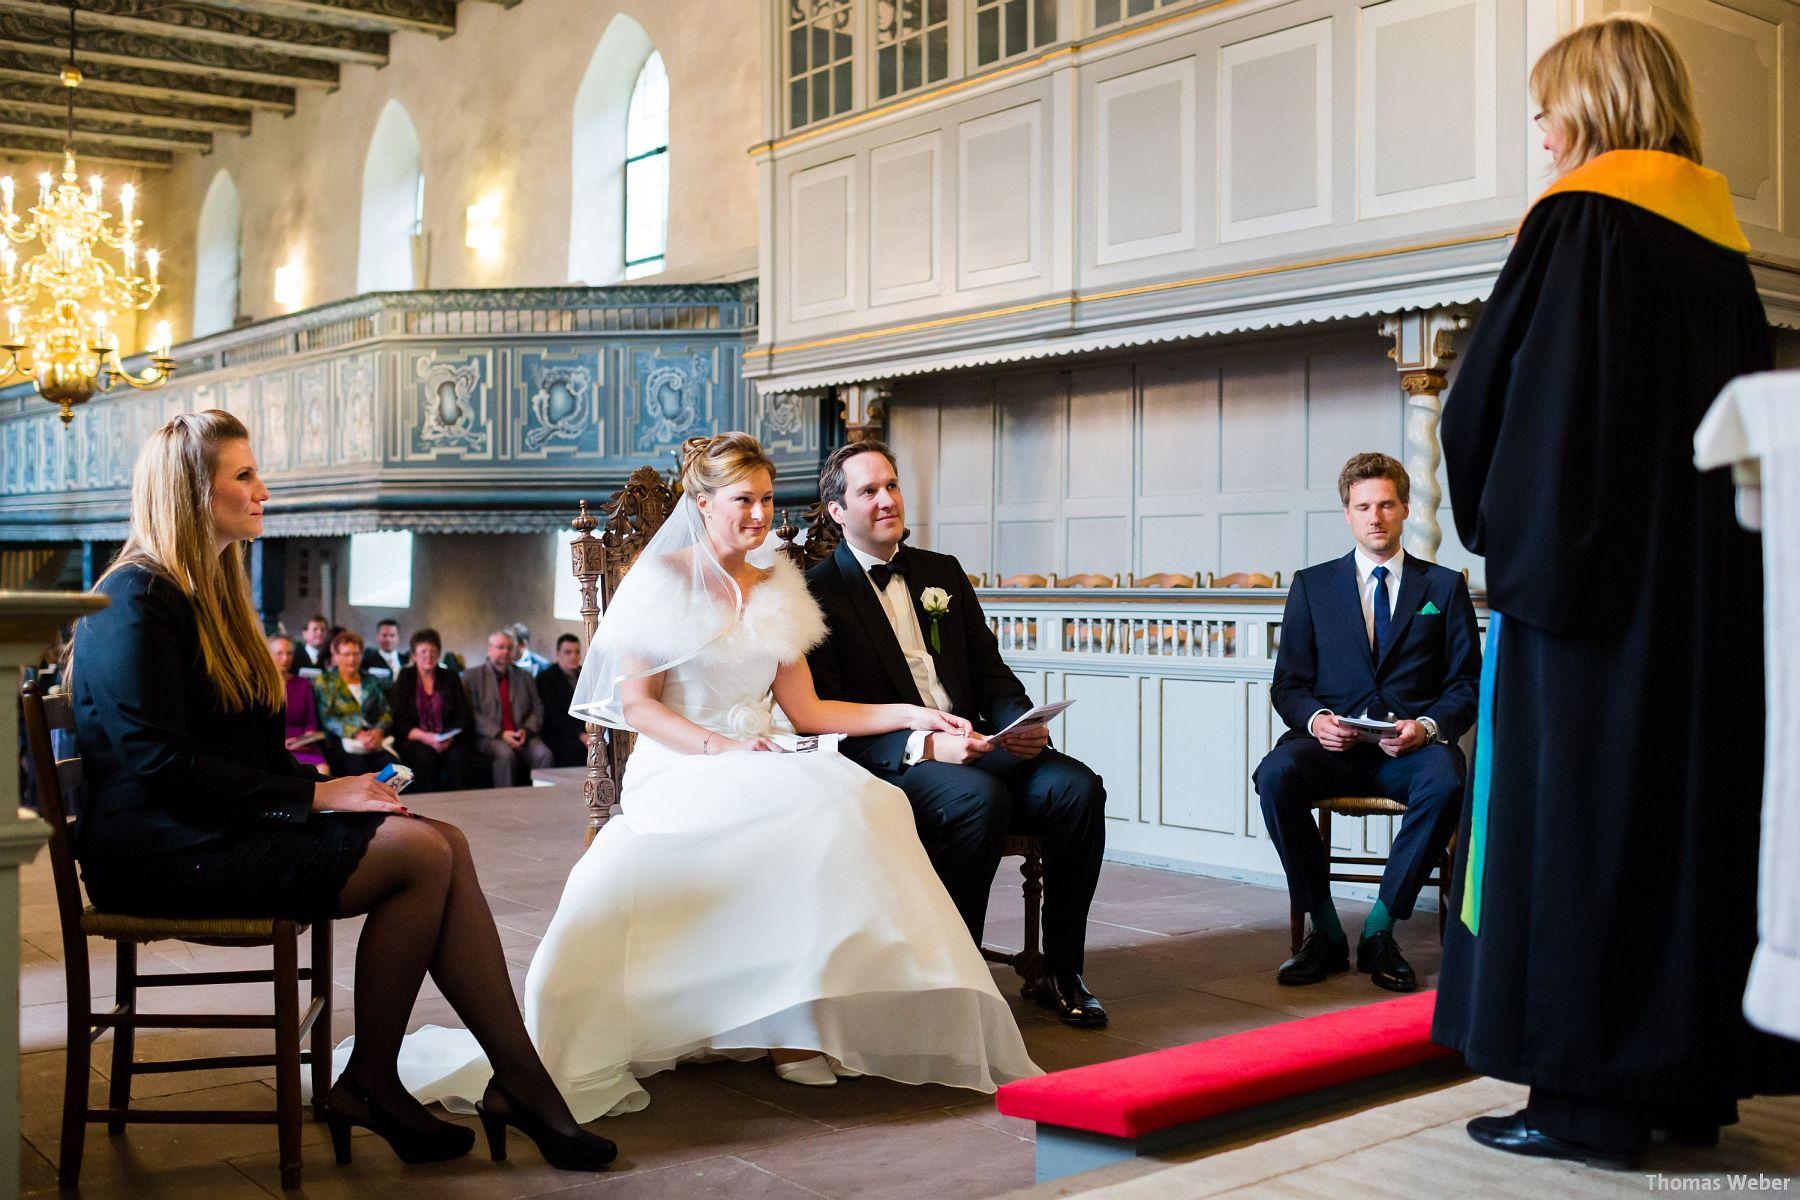 Hochzeitsfotograf Rastede: Kirchliche Trauung in der St. Ulrichs Kirche Rastede und Hochzeitsfeier in der Eventscheune St Georg Rastede mit dem Catering von Split Food (Michael Niebuhr) aus Oldenburg (18)